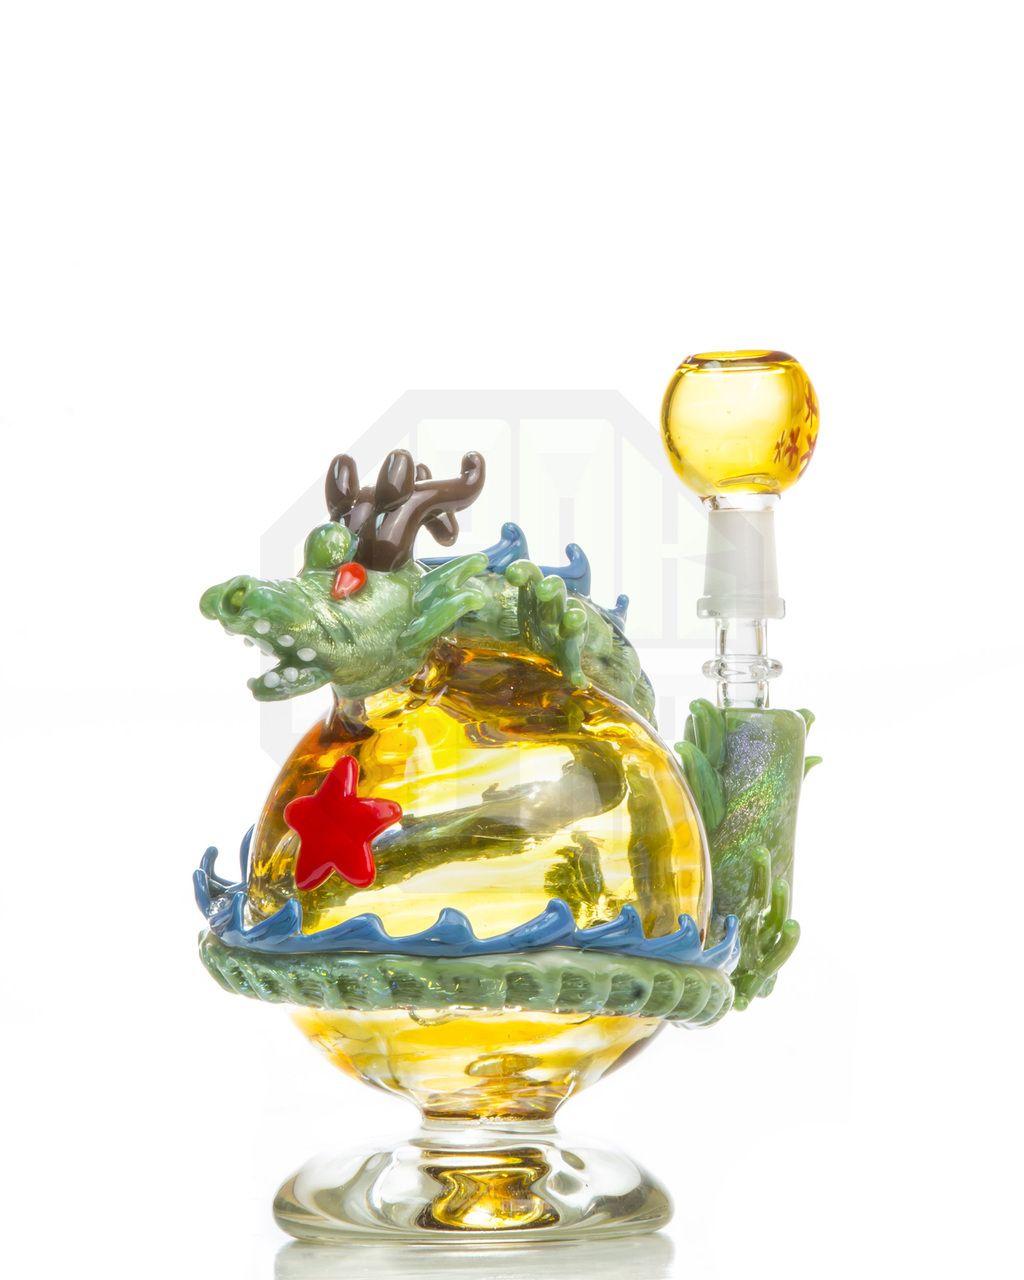 dragon ball z oil rig | 0 | Dab rig, Glass bongs, Dragon ball